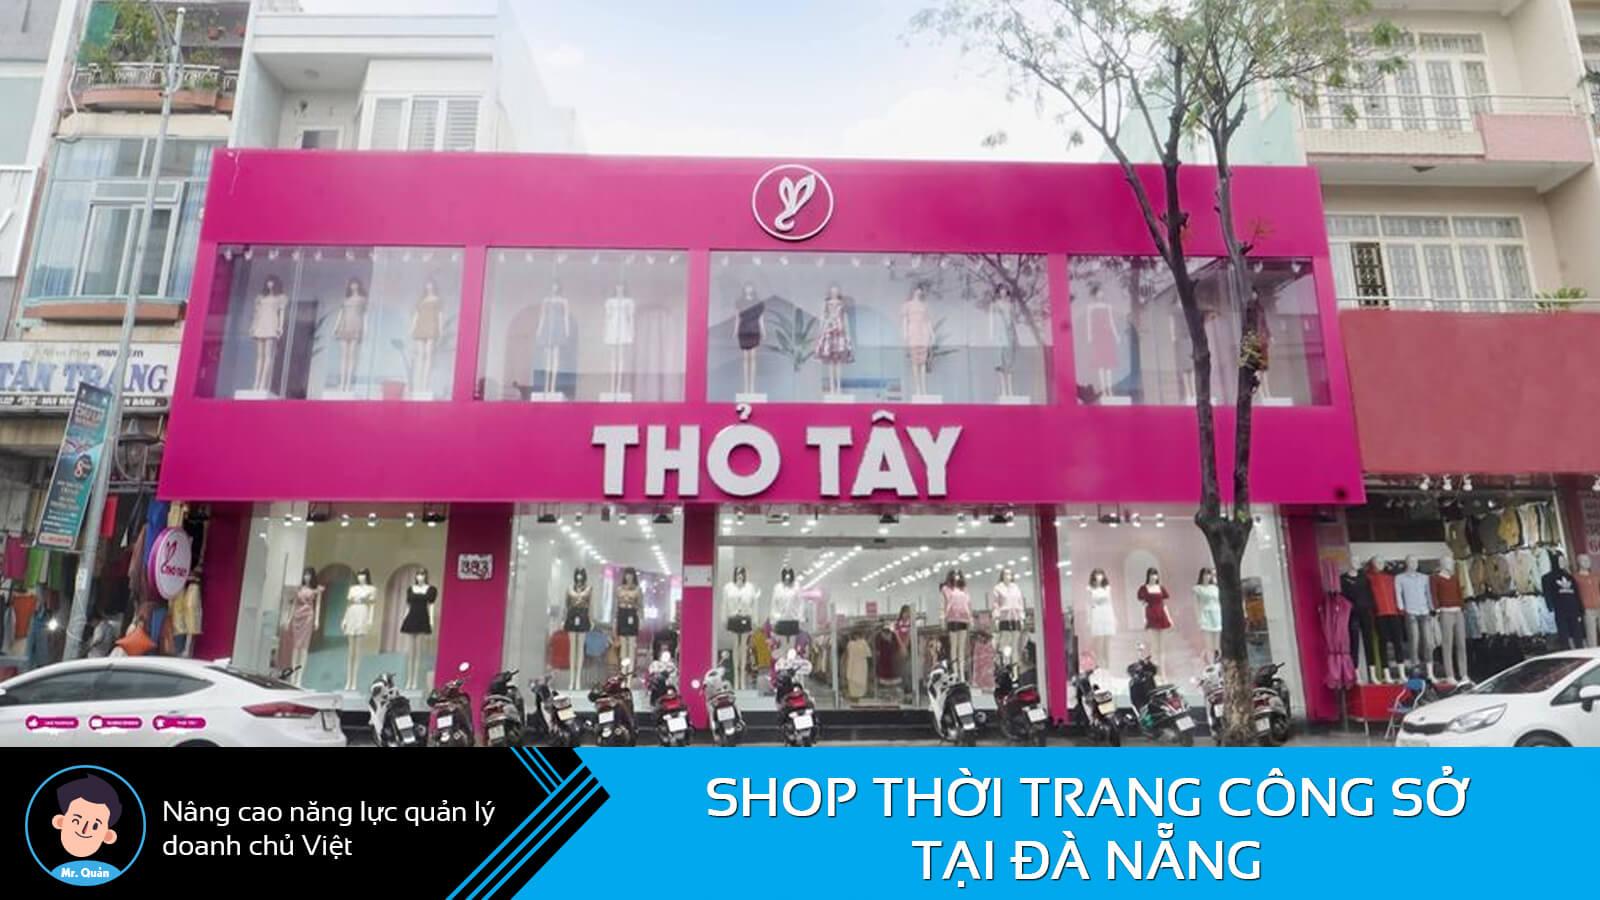 Shop thời trang công sở Đà Nẵng Thỏ Tây